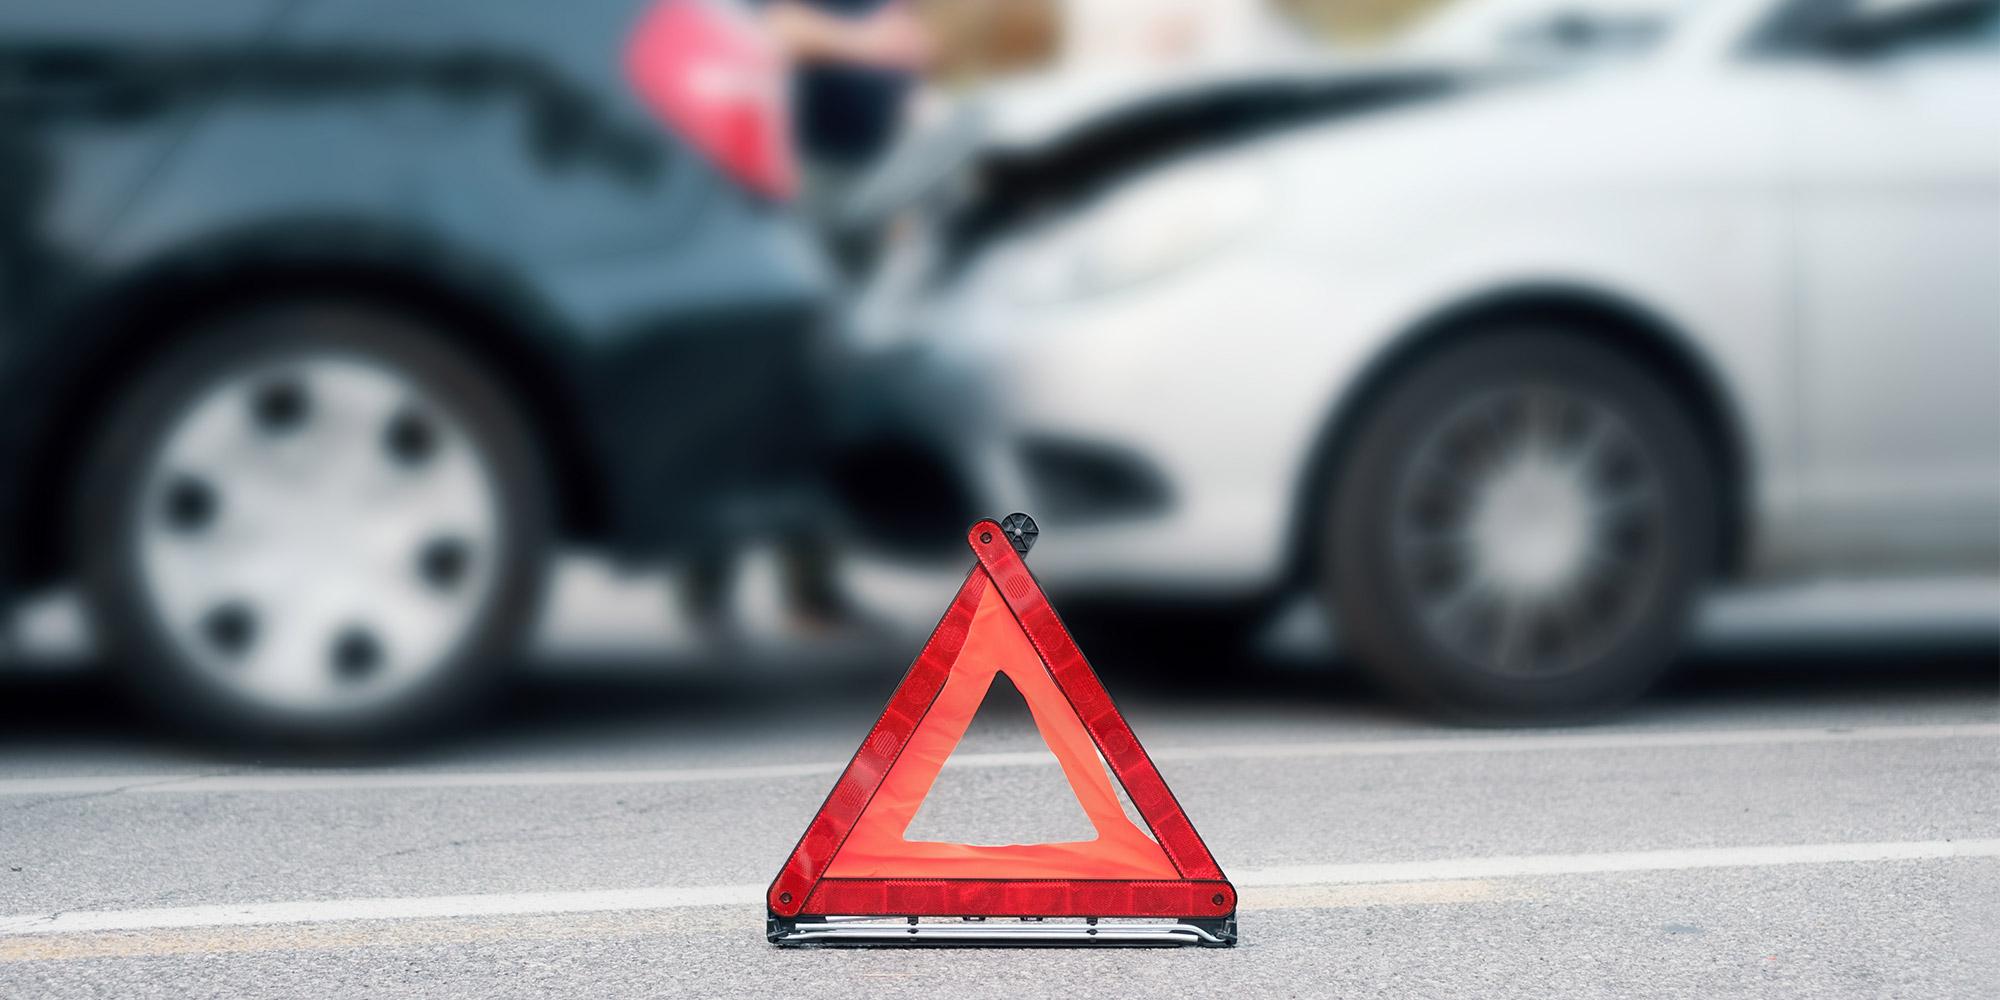 Фатални сообраќајни несреќи: Патиштата со минимални ограничувања на брзината се најопасни!